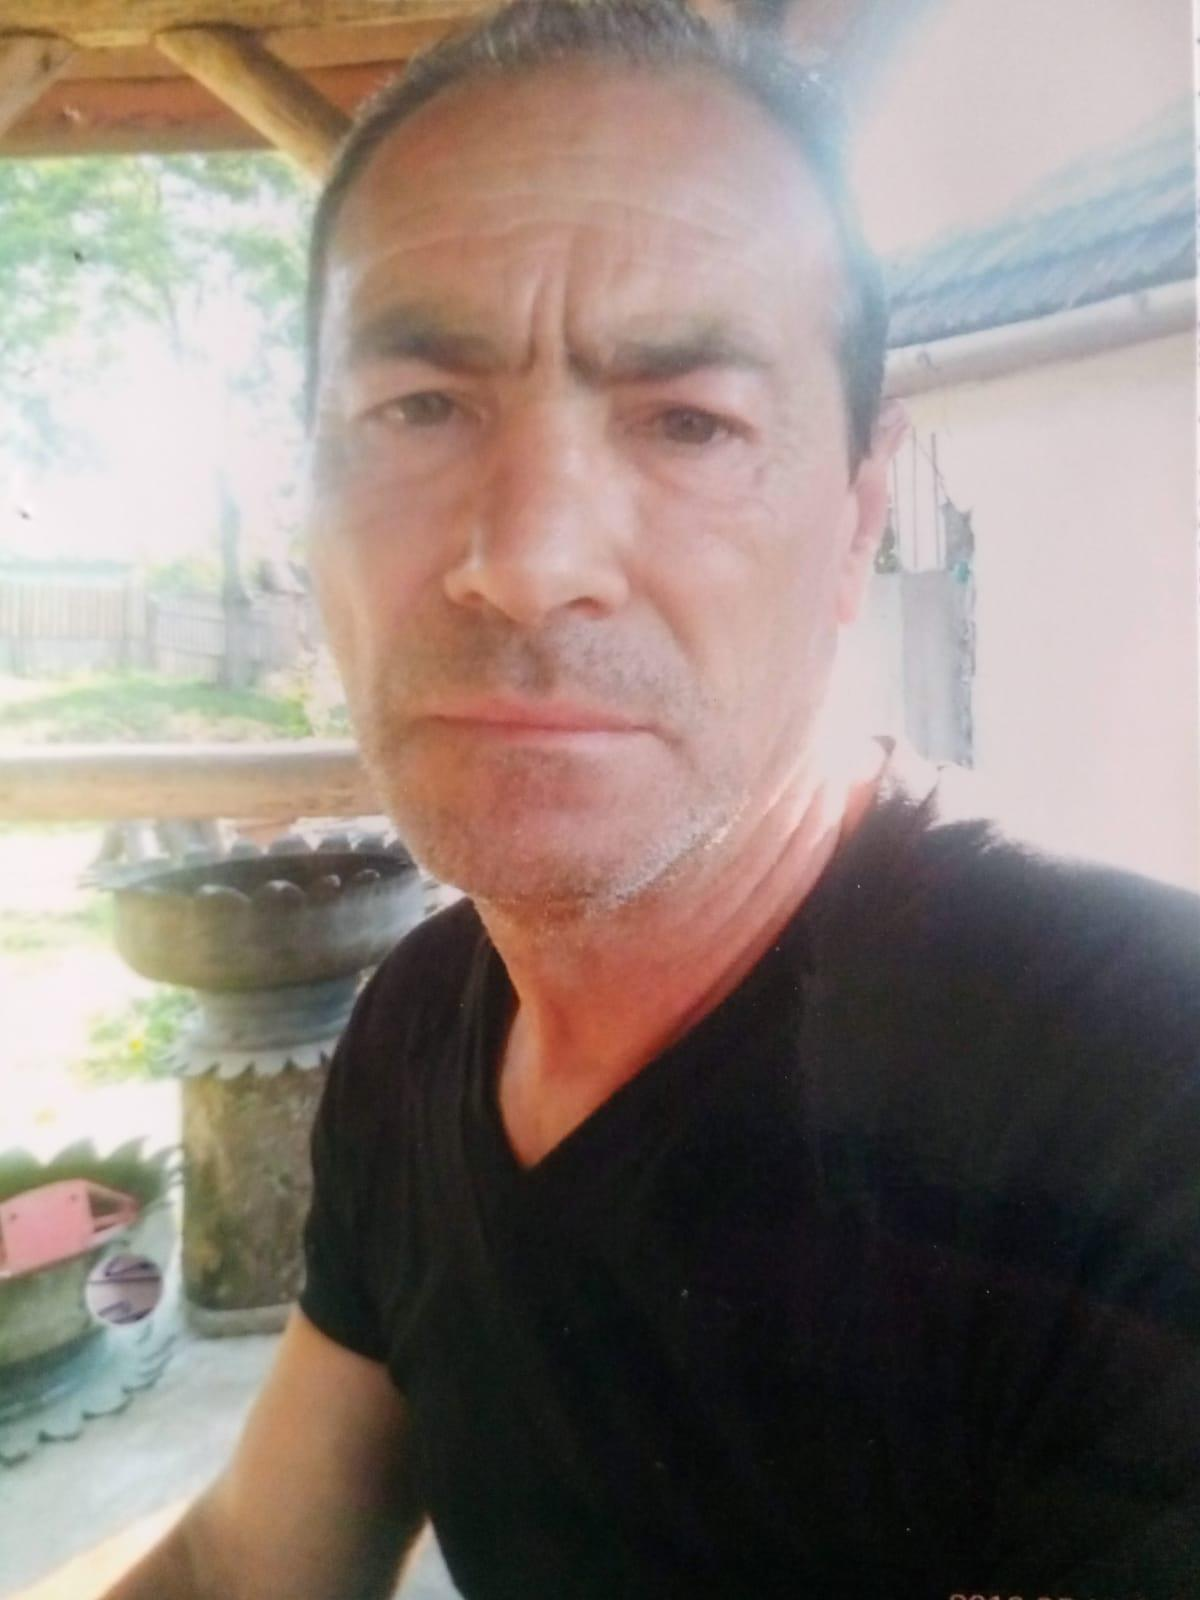 L-ați văzut? Hunedoreanul a plecat de la domiciliu în 20 iunie, iar acum este căutat de familie și polițiști